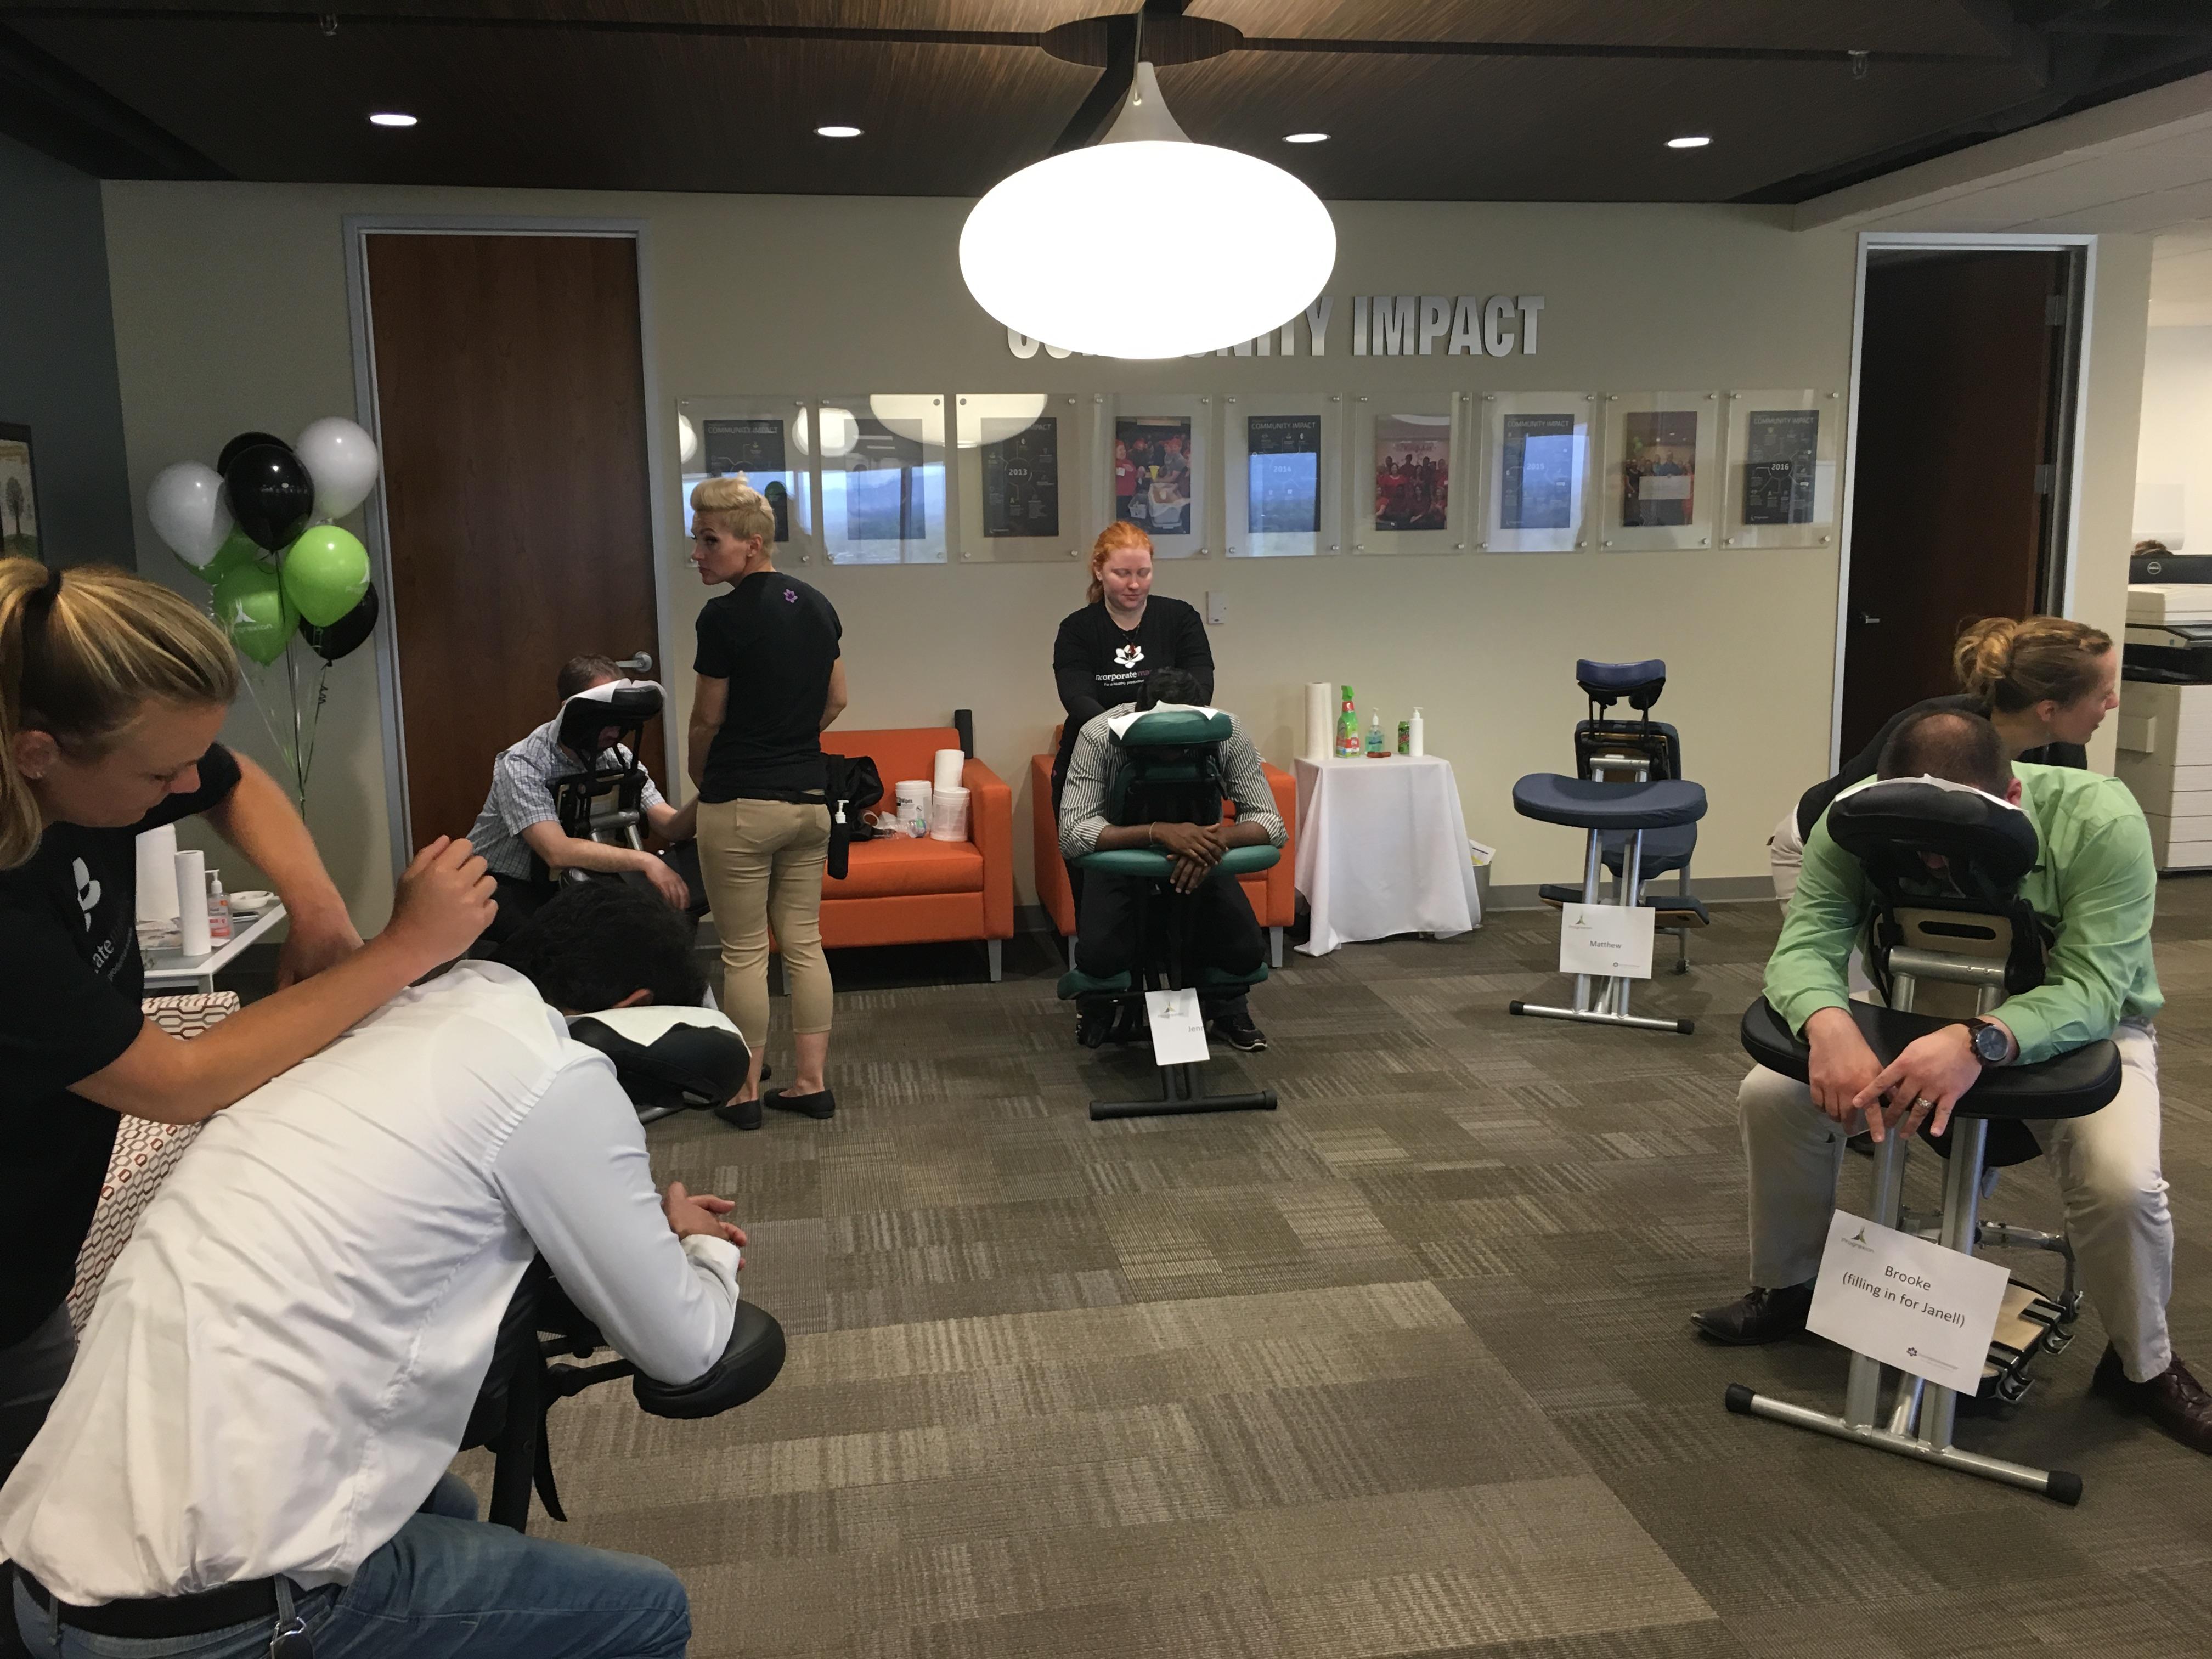 chair massage service at work